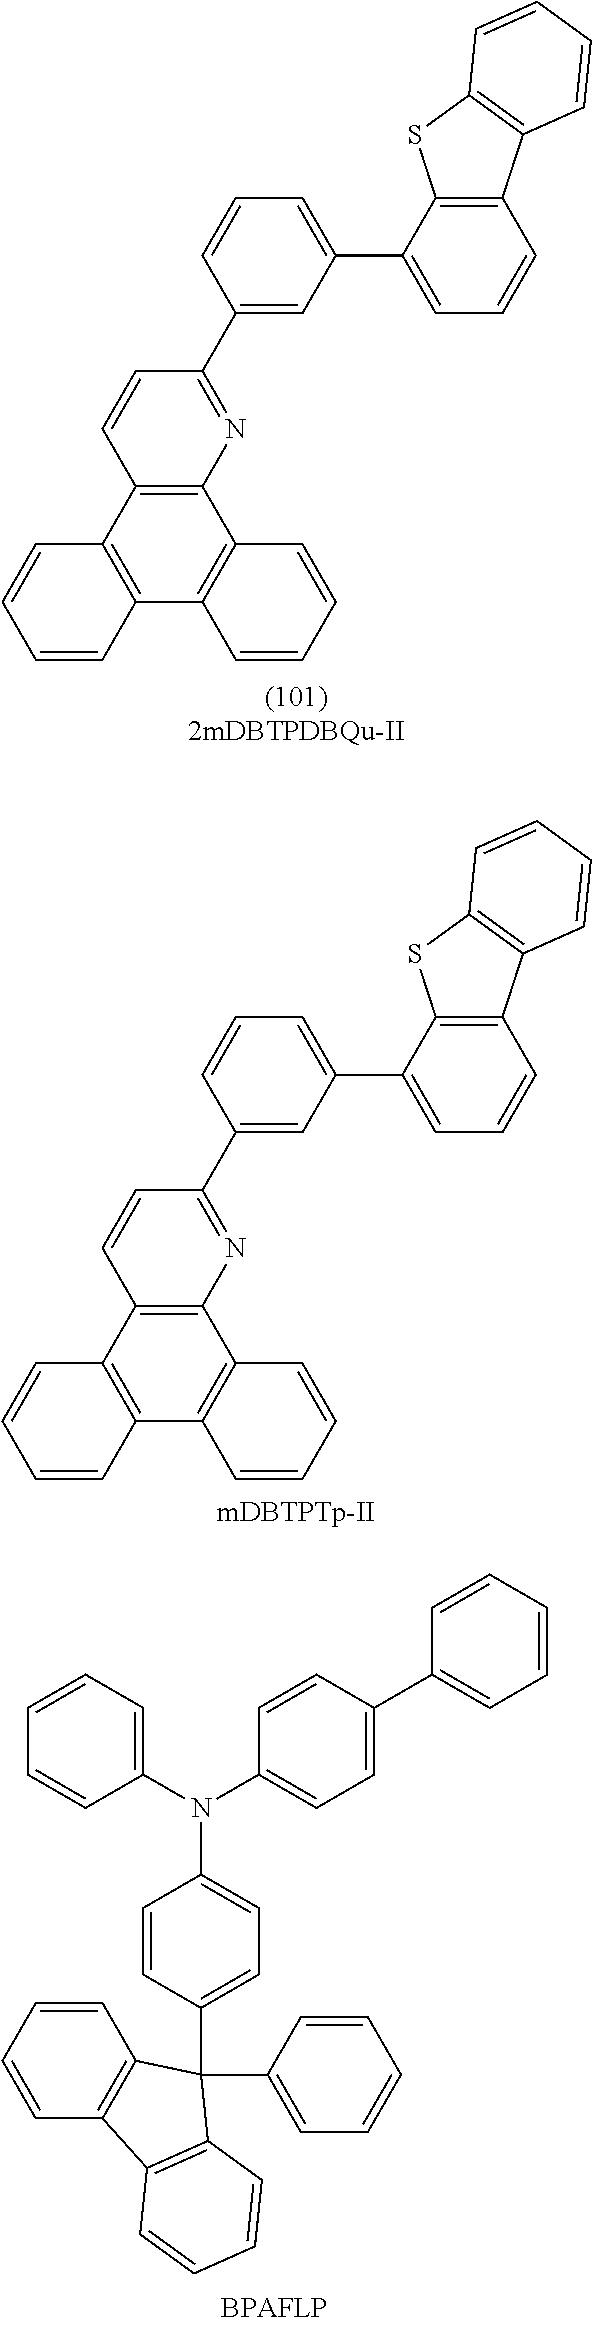 Figure US09843000-20171212-C00072